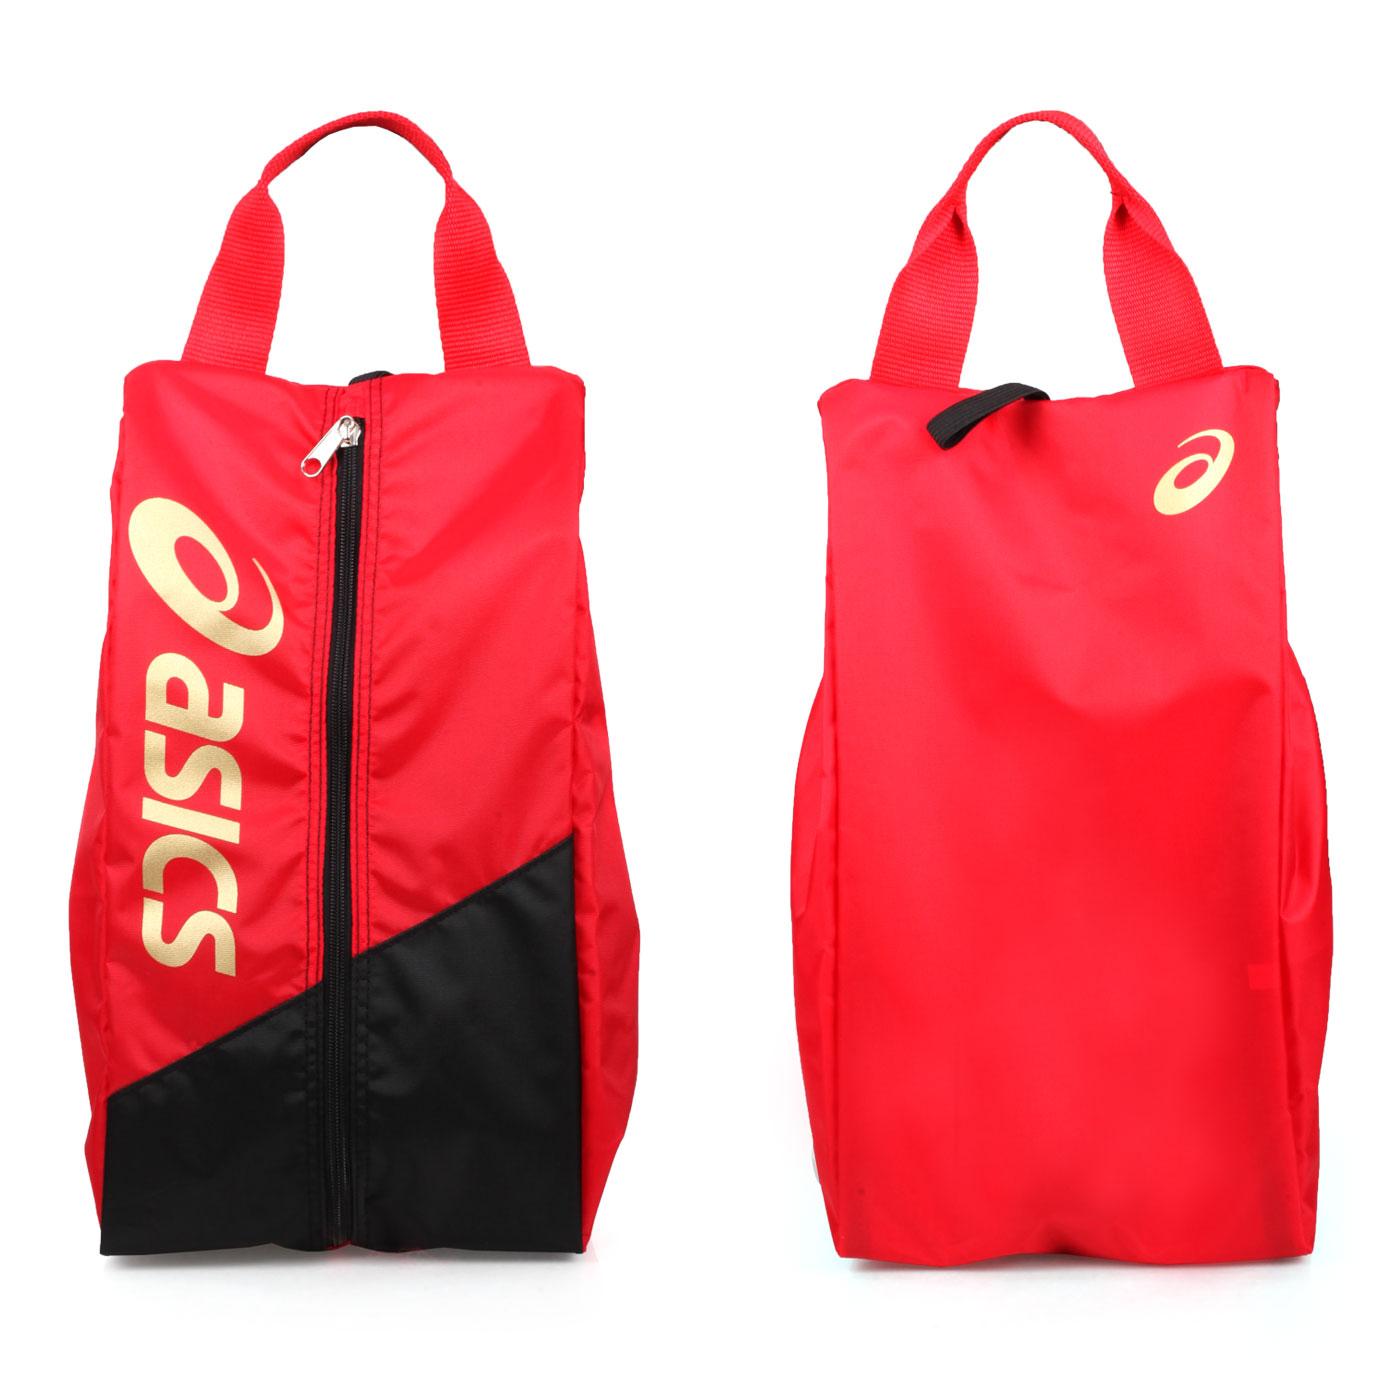 ASICS 鞋袋 Y12001-23 - 紅黑金